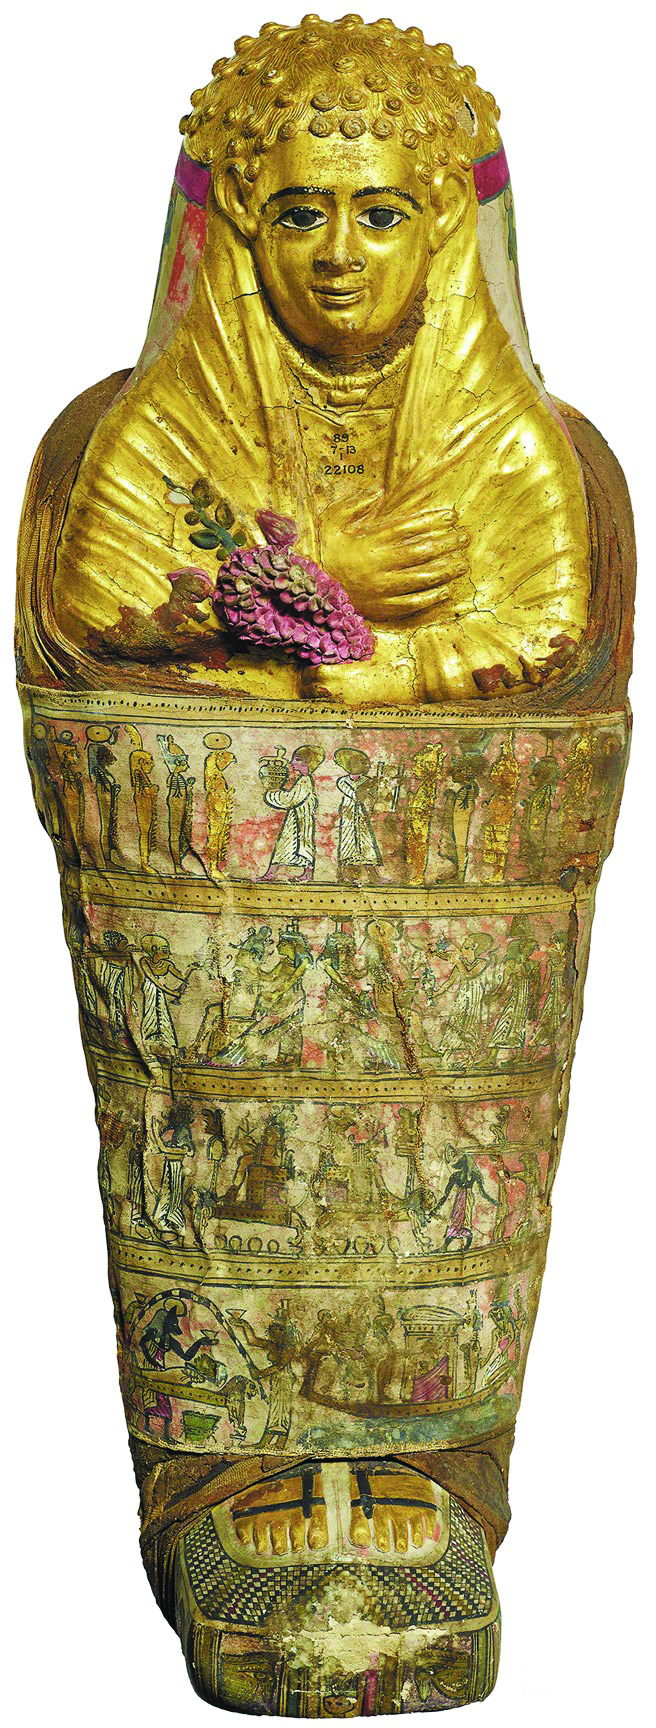 来自哈瓦拉的儿童木乃伊」是罗马时期的埃及木乃伊,有金色面具,手上则握着花朵